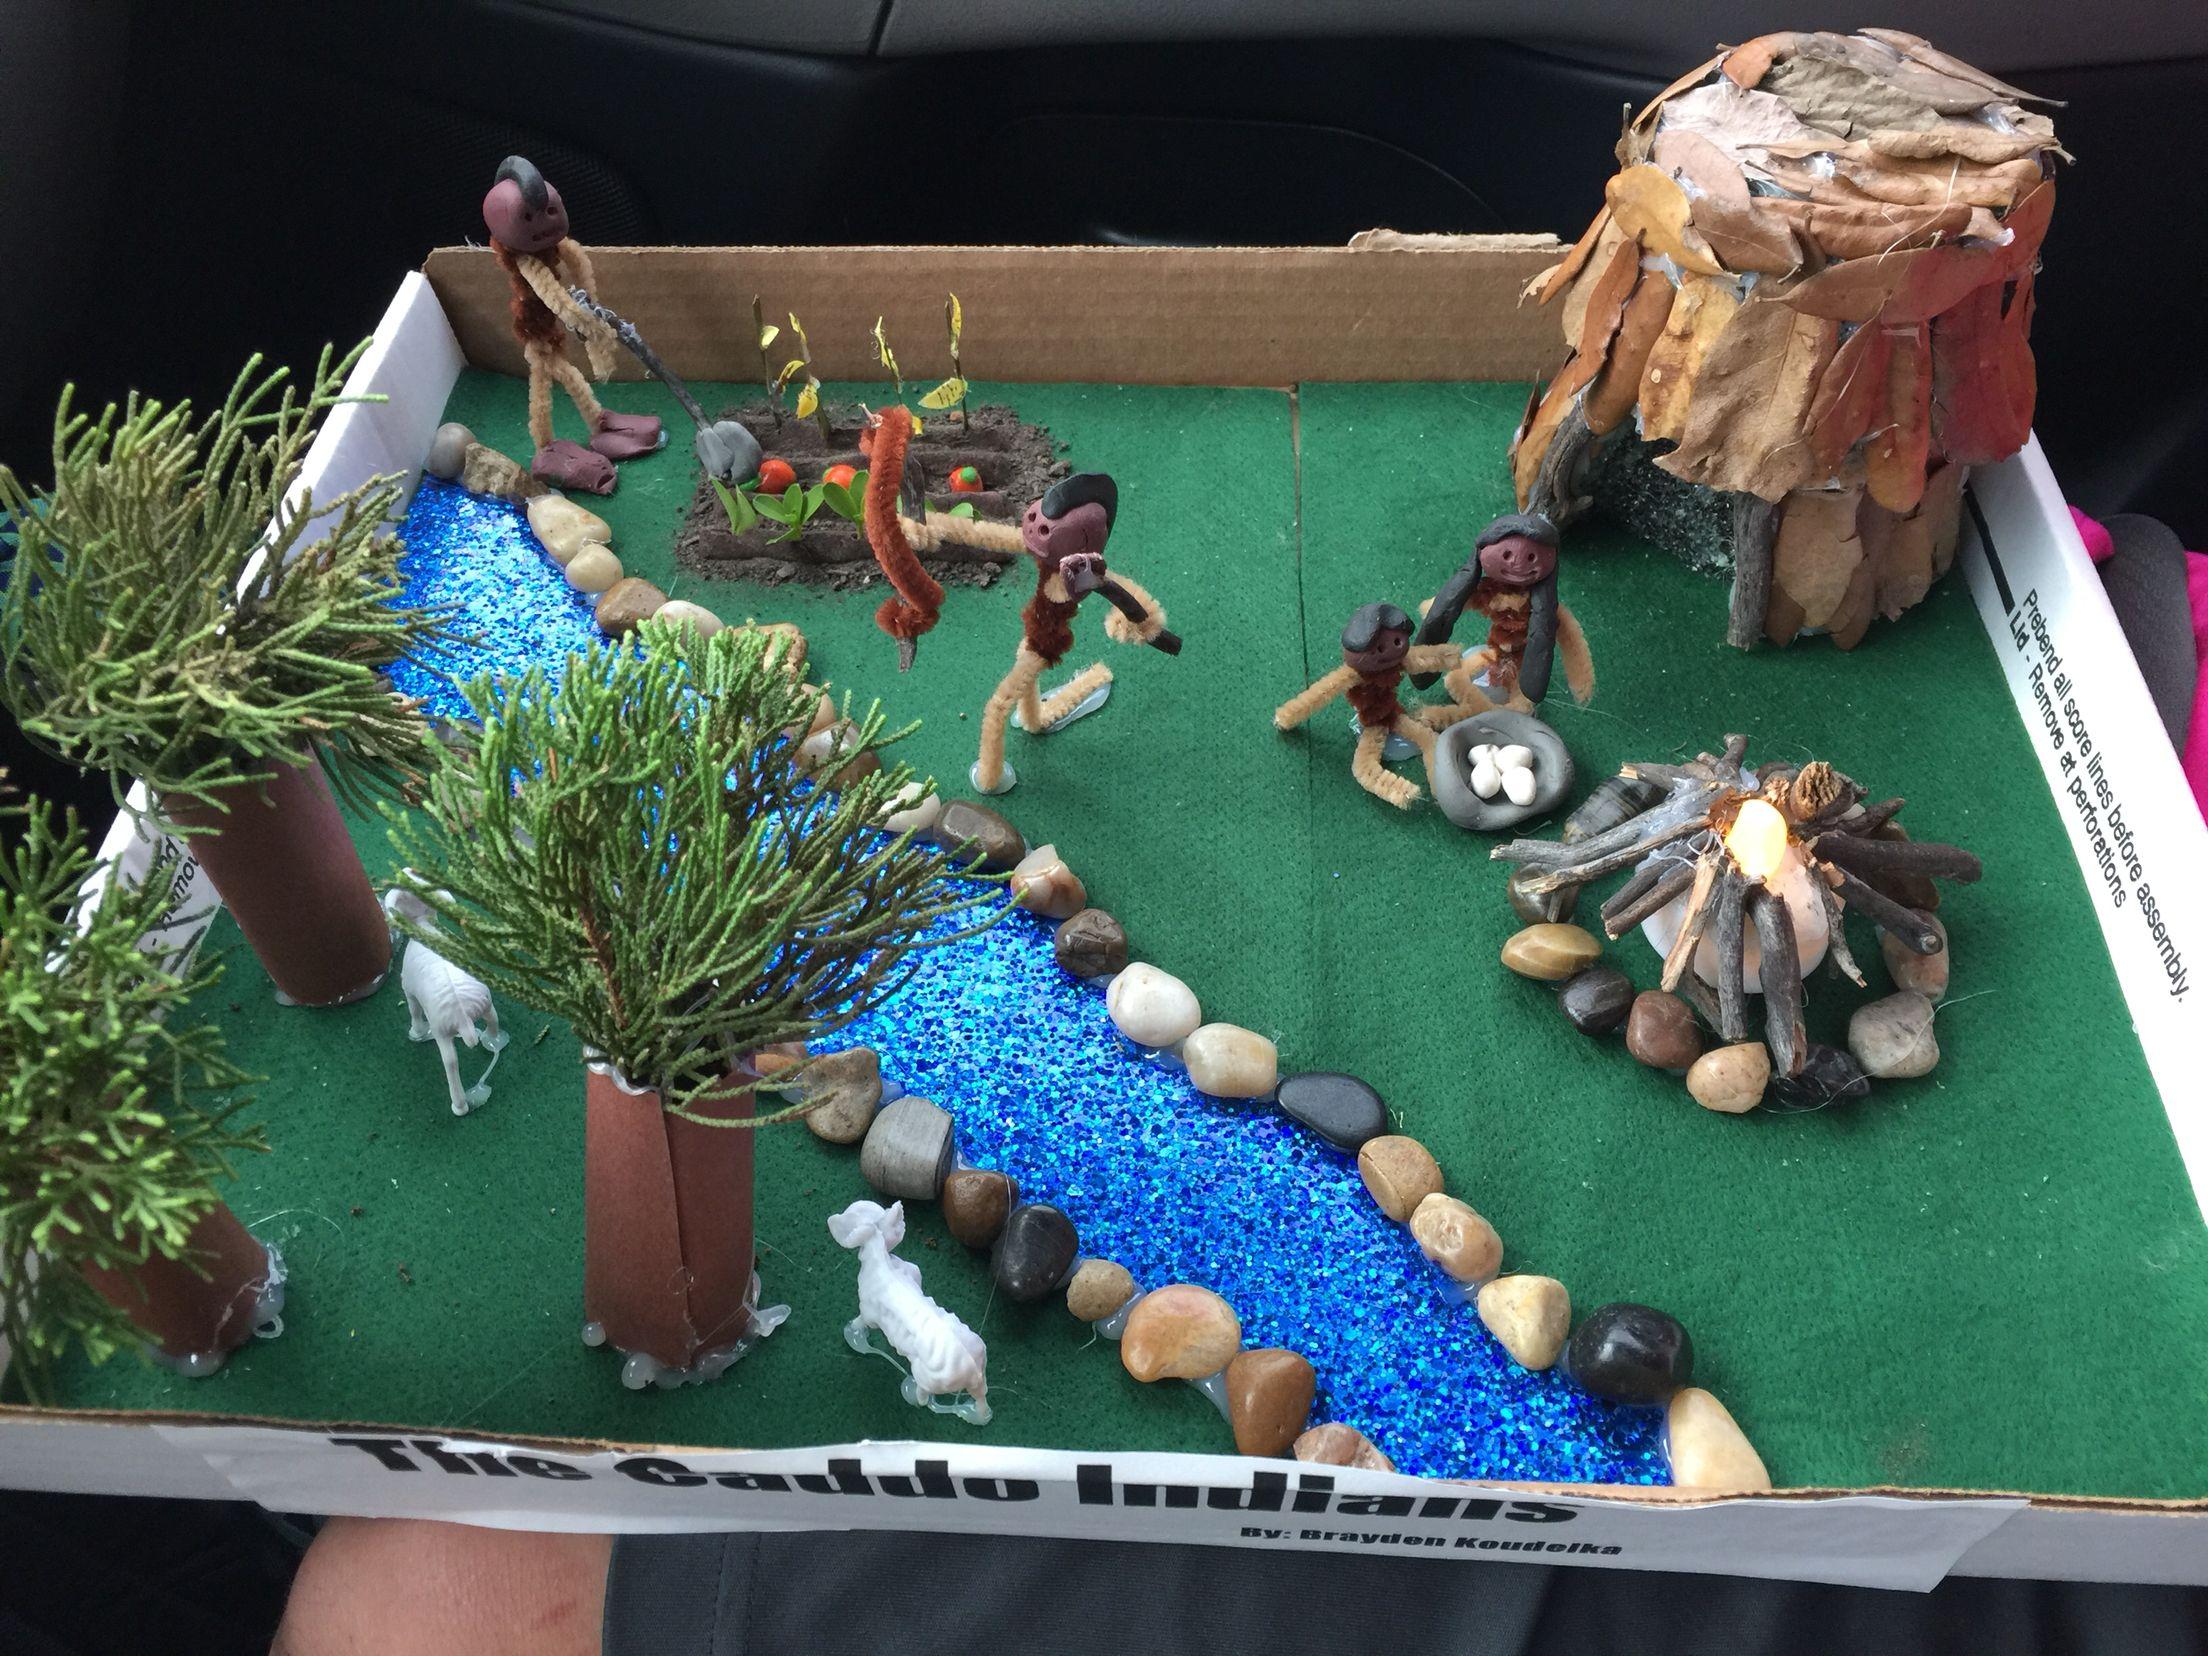 Kids Diorama With Details: Caddo Indian Village Diorama Project- What Brayden